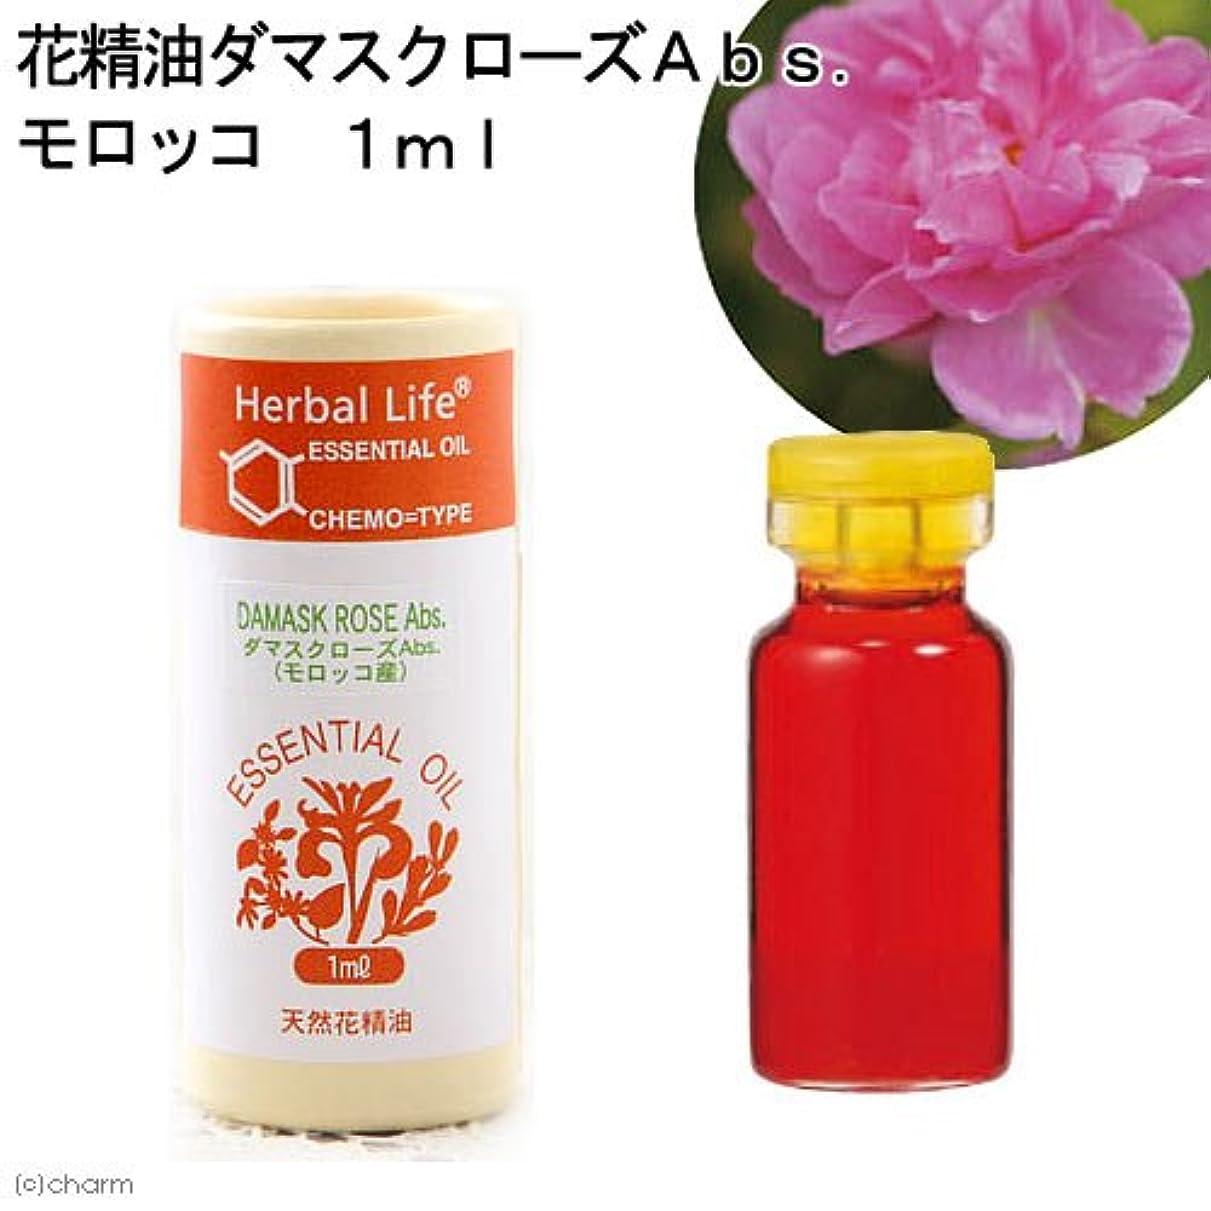 ネイティブ実質的刃Herbal Life ダマスクローズAbs.(モロッコ産) 1ml